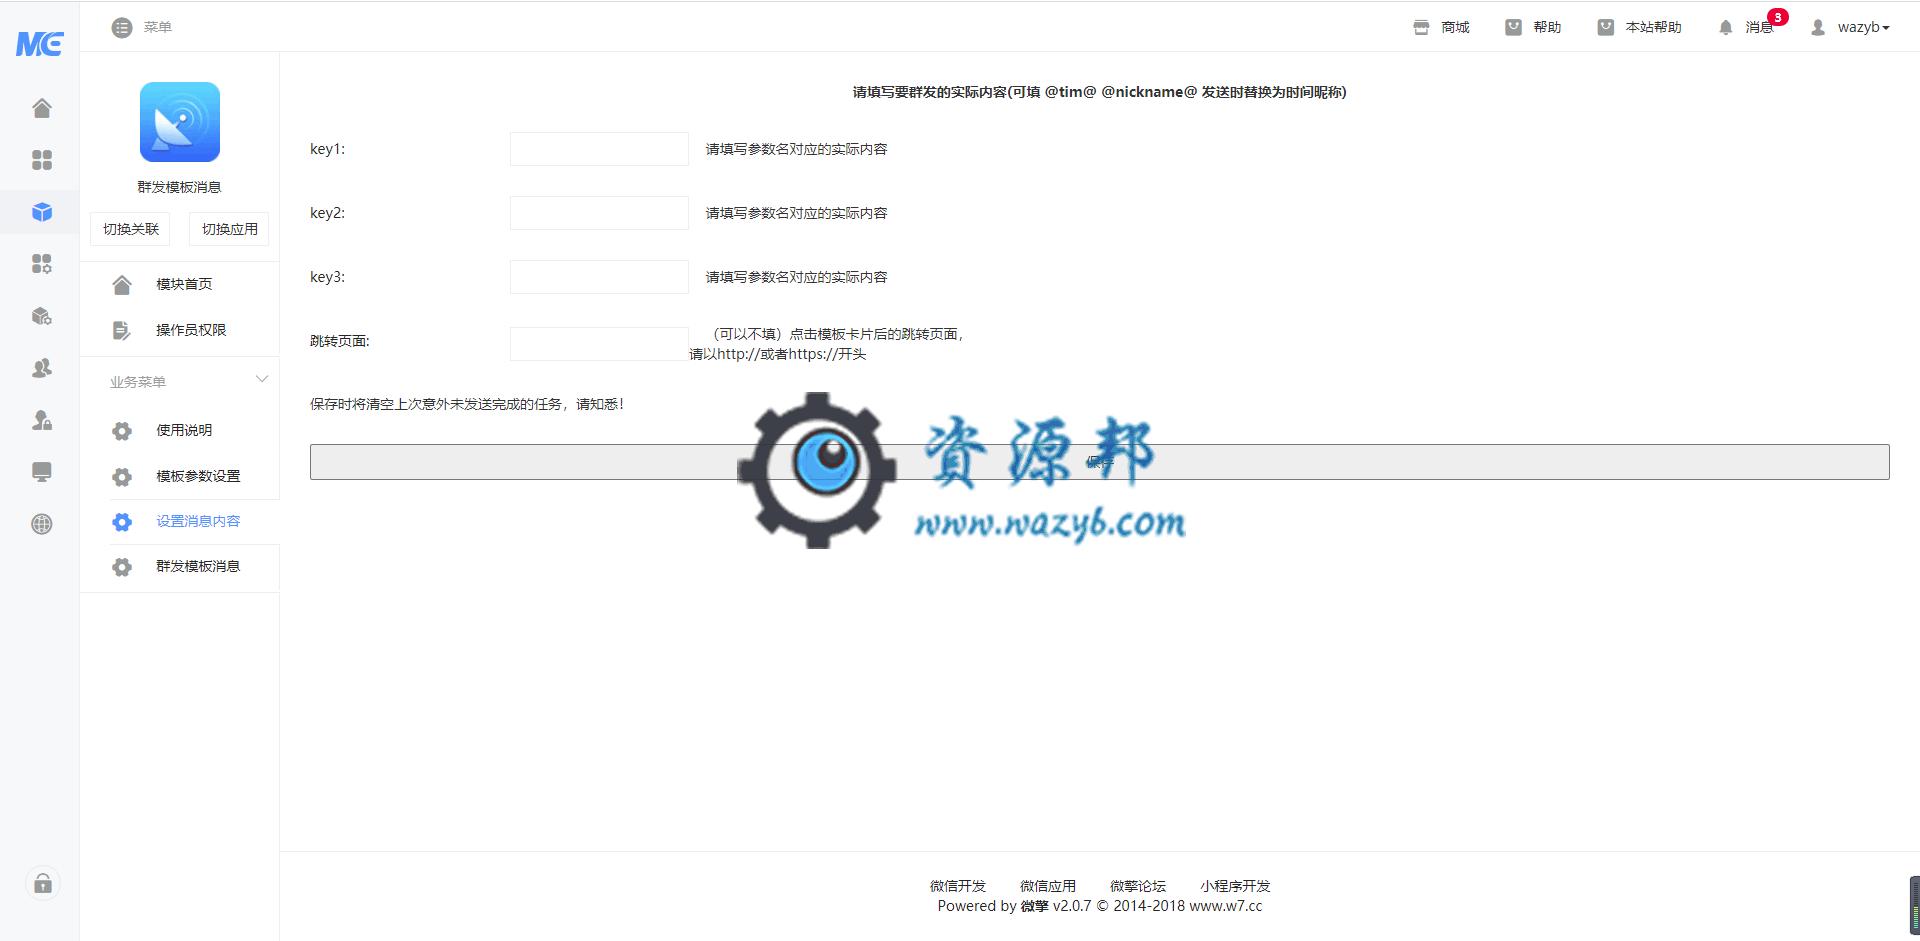 【公众号应用】群发模板消息V1.2.9源码包,新增了模板消息颜色拾取器,简单方便的设置颜色 公众号应用 第3张